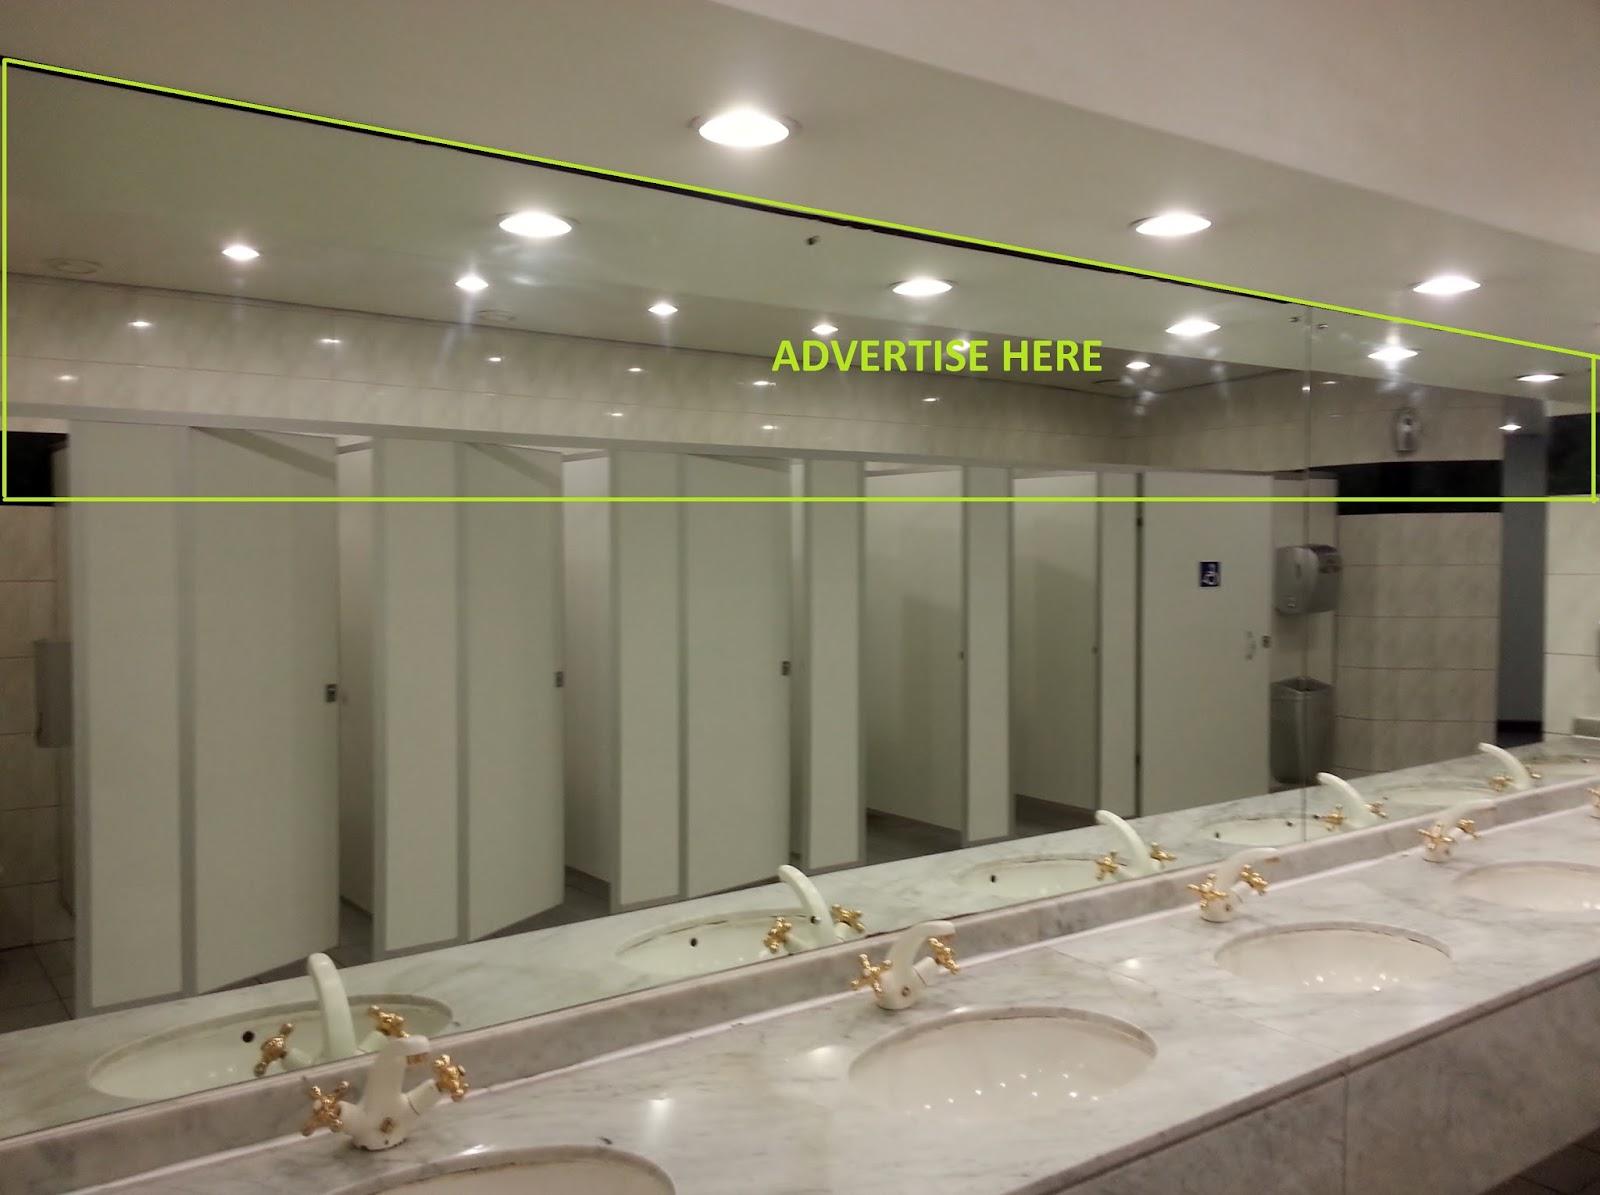 BathroomMirror01_Upper.jpg